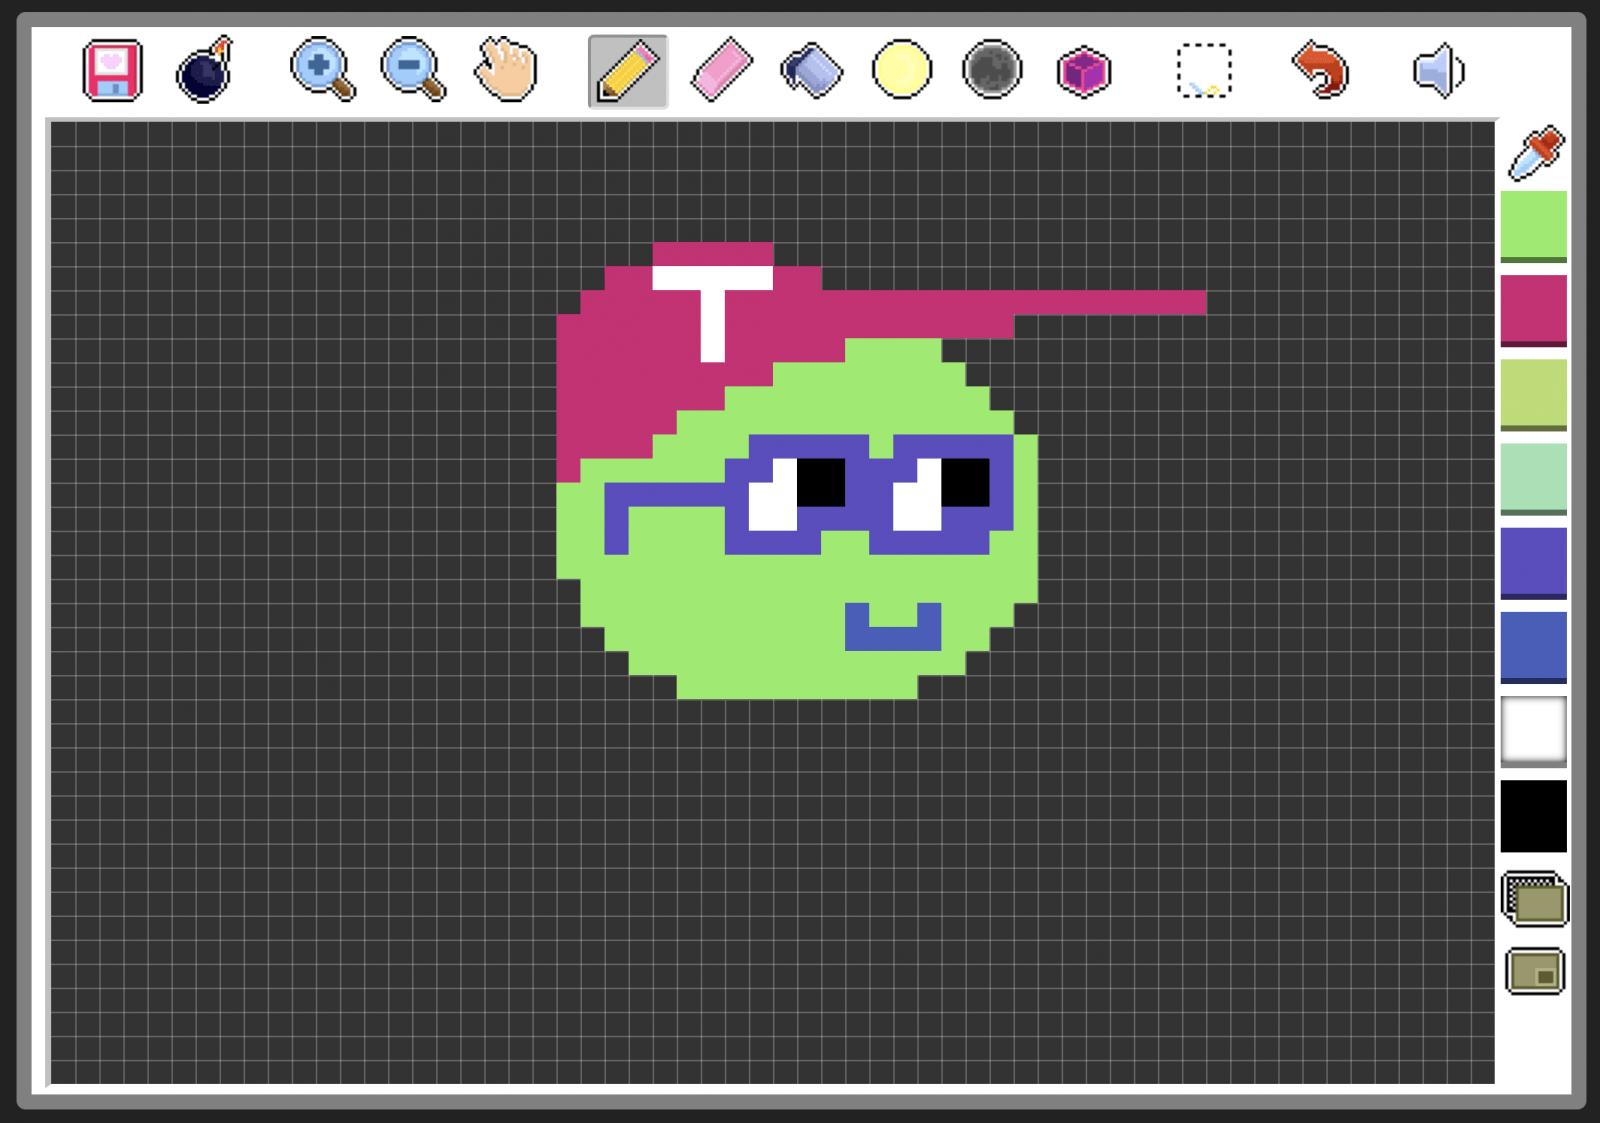 Einfache Pixelgrafiken sind mit Make Pixel Art schnell erstellt.